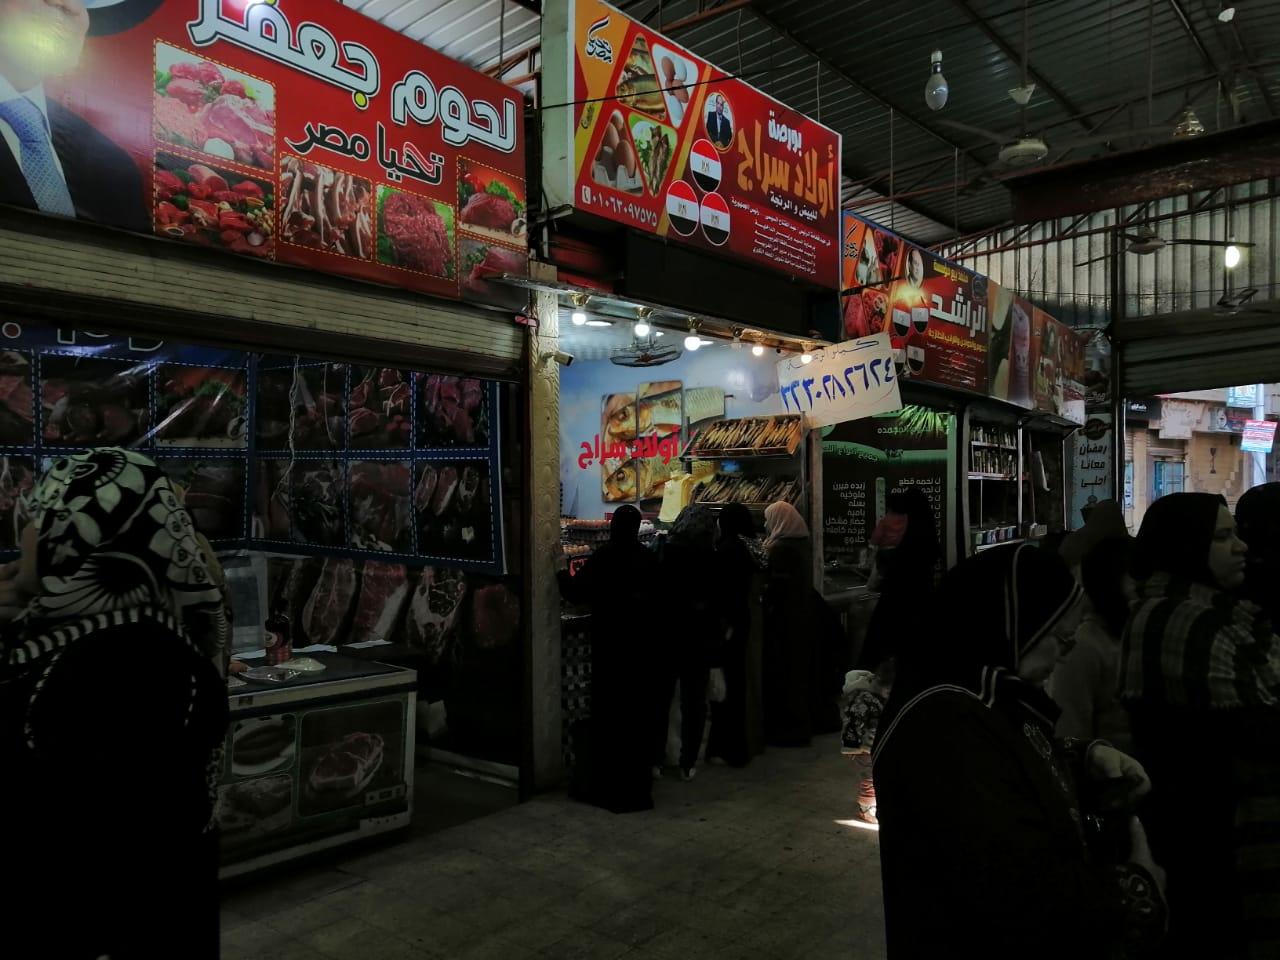 أسعار اللحوم والخضر والفواكه بأسواق محافظة الغربية (11)